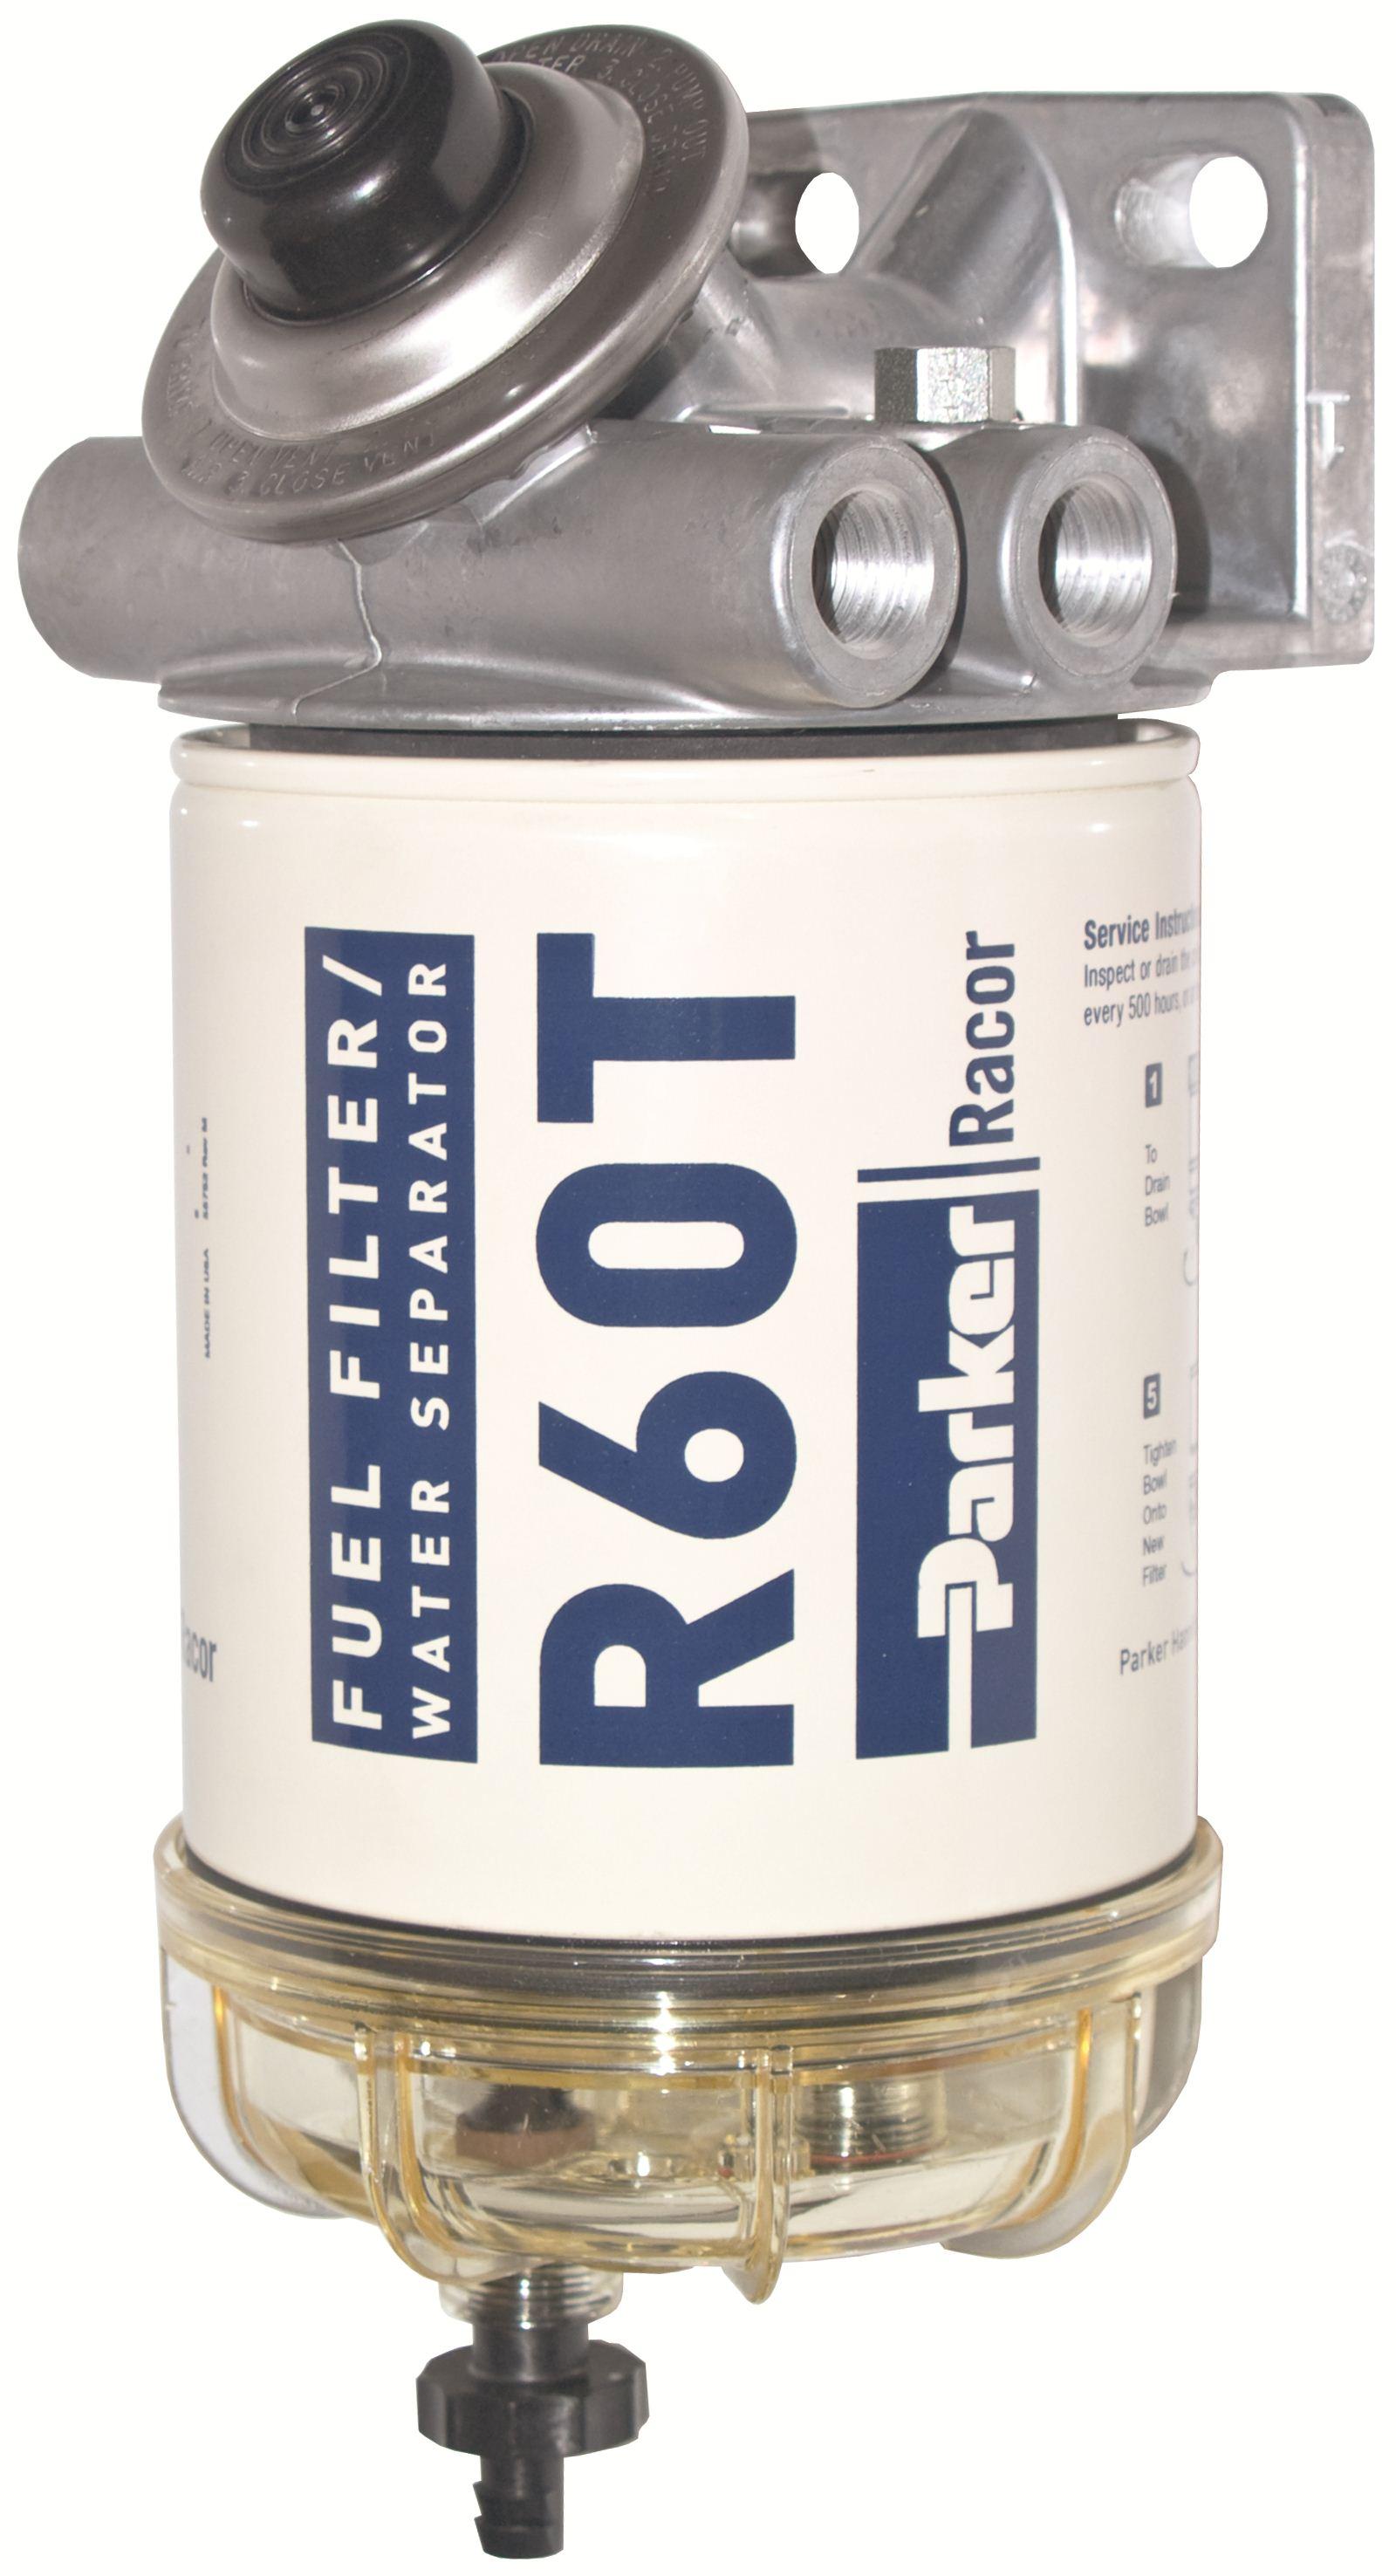 Diesel Power Webshop Racor Fuel Filter 0 227 L H Parker Filters